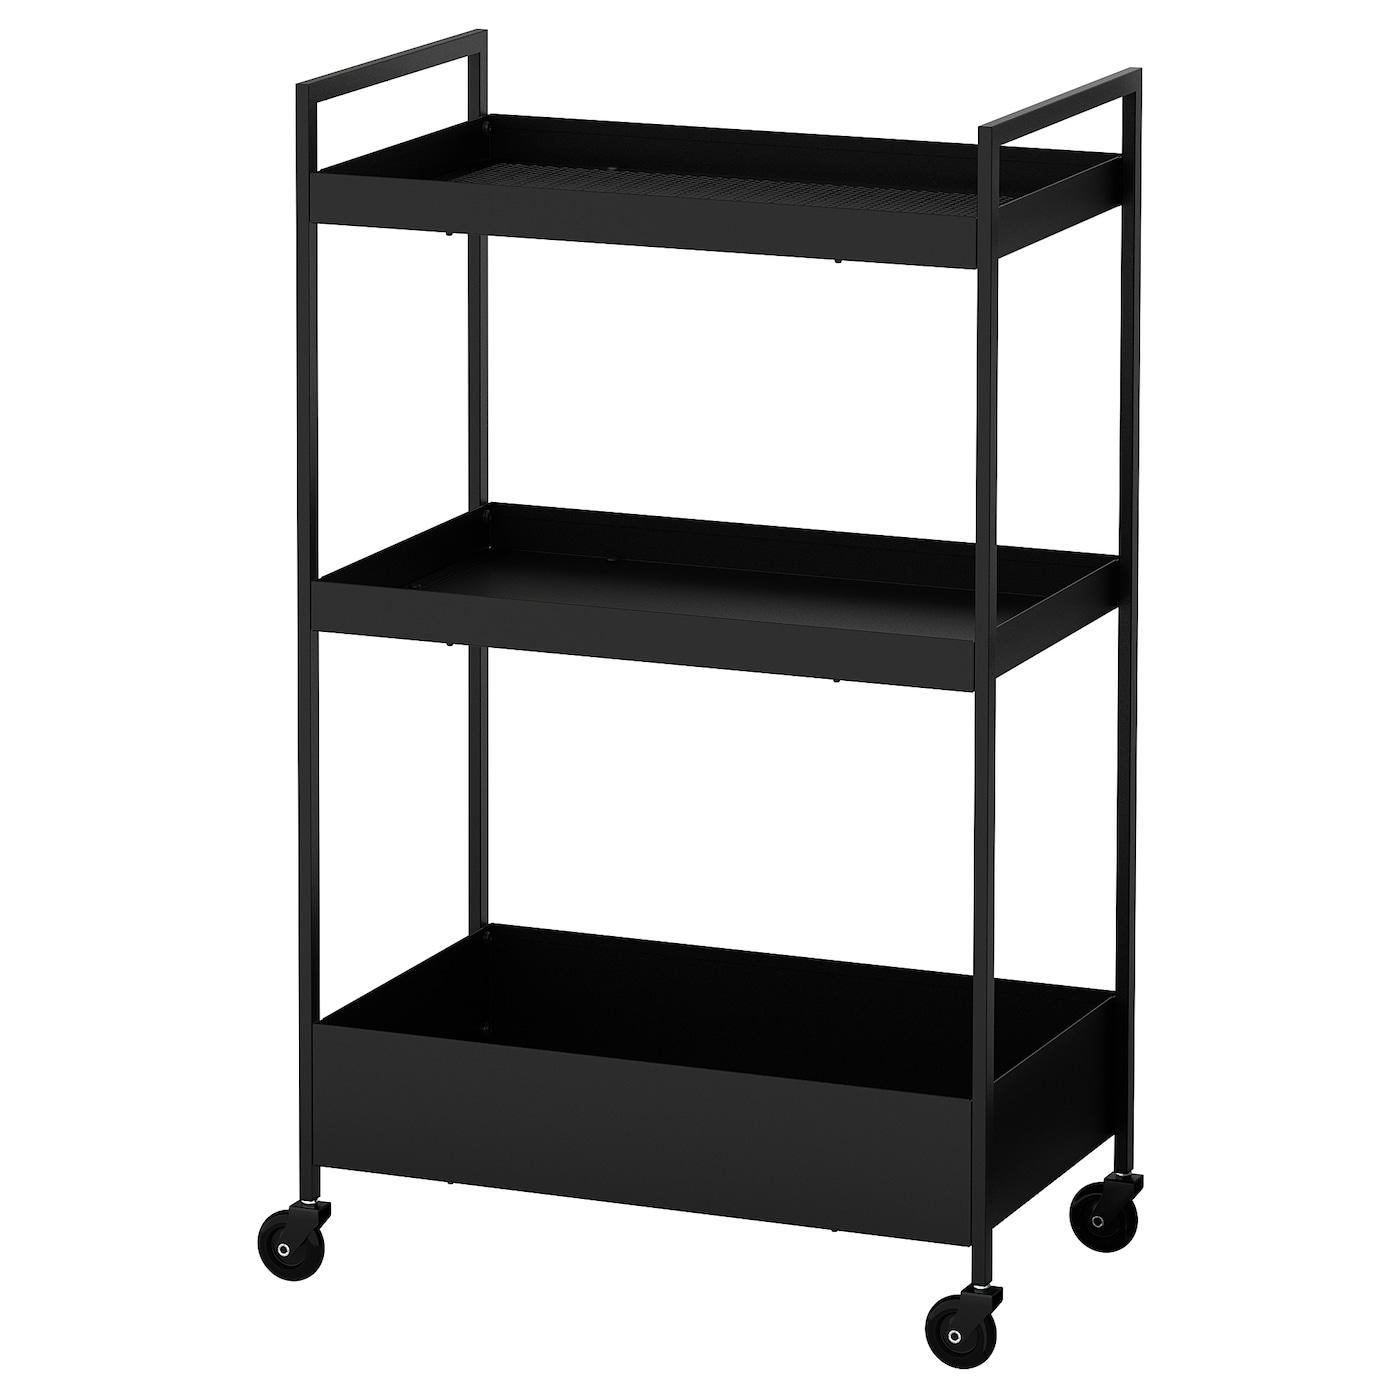 IKEA NISSAFORS Wózek, czarny, 50.5x30x83 cm